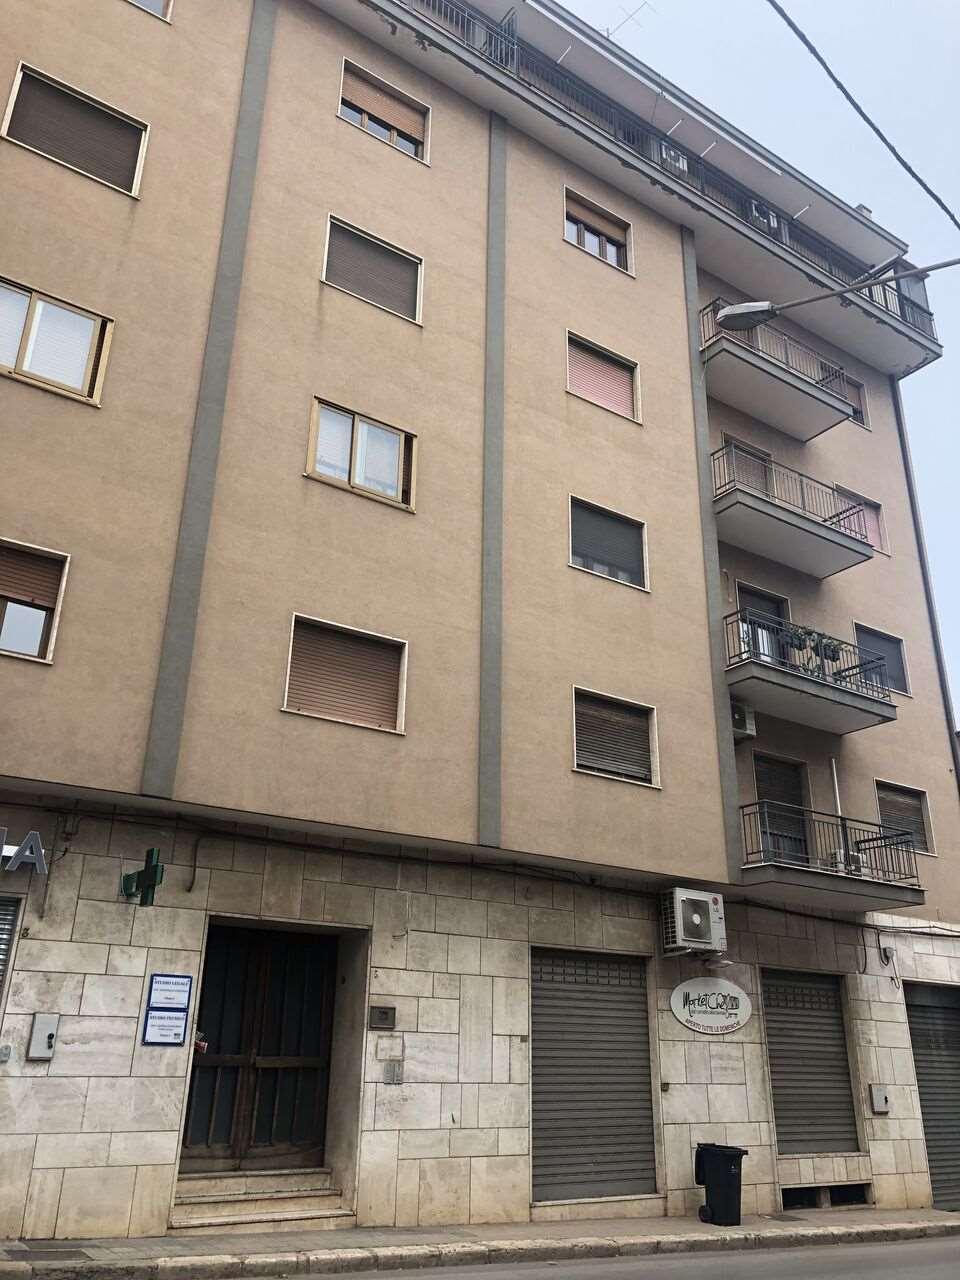 Appartamento in vendita a Conversano, 5 locali, prezzo € 135.000 | CambioCasa.it